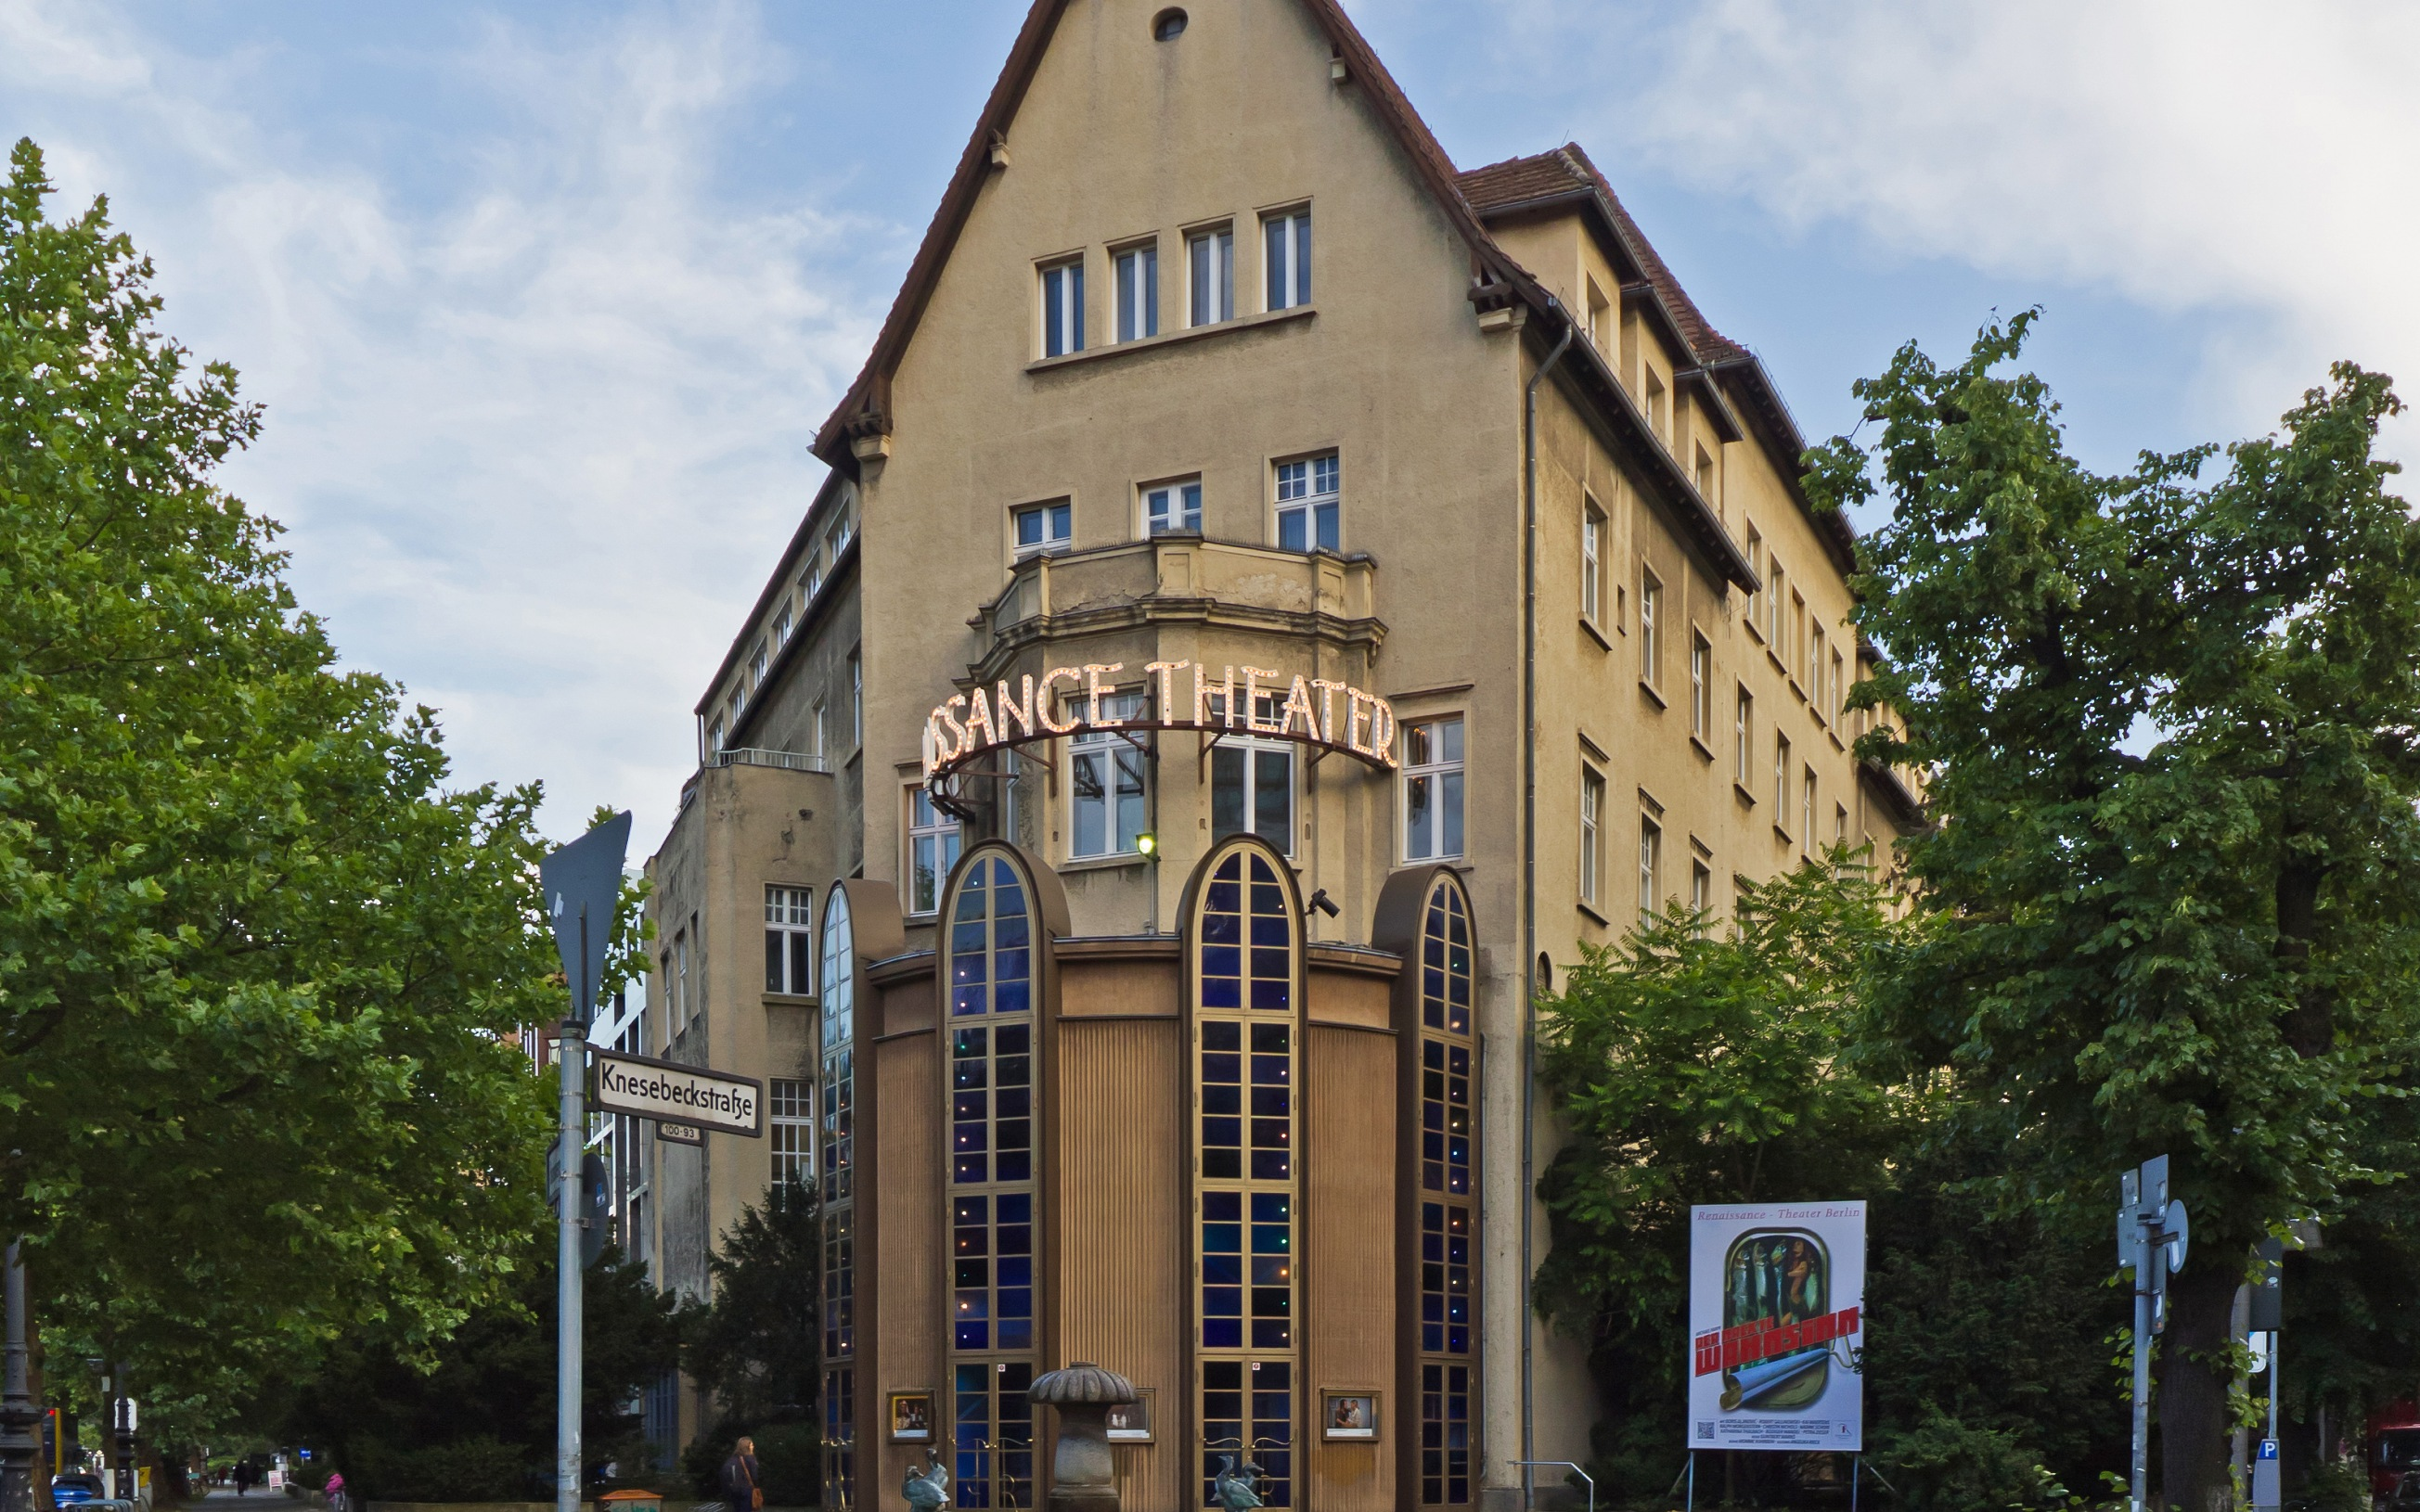 Das Renaissance-Theater in Berlin-Charlottenburg